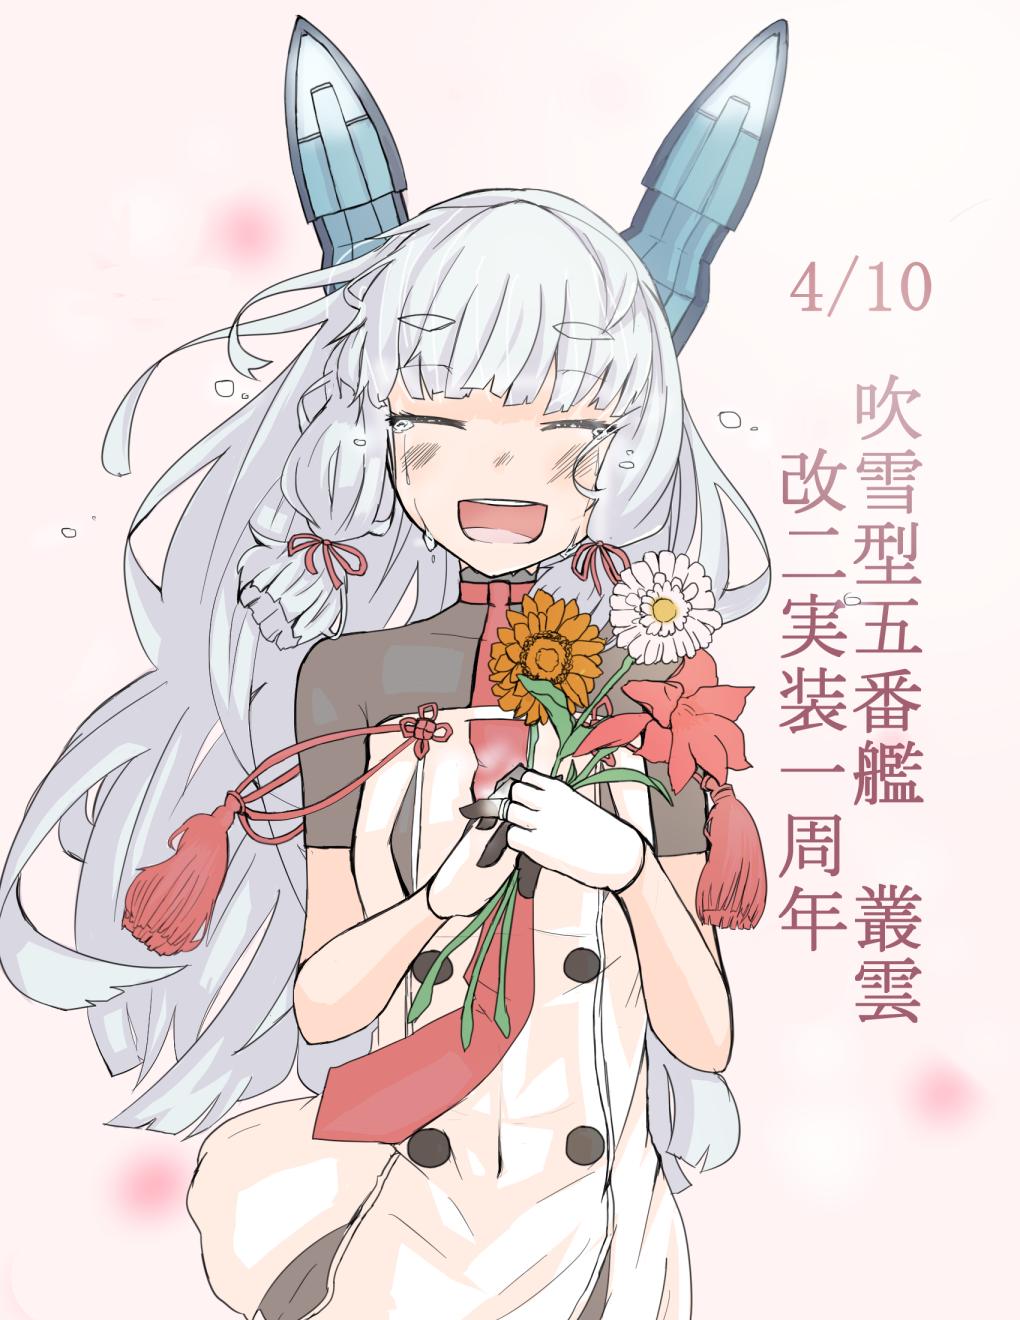 叢雲ちゃん 改二&ケッコン記念絵